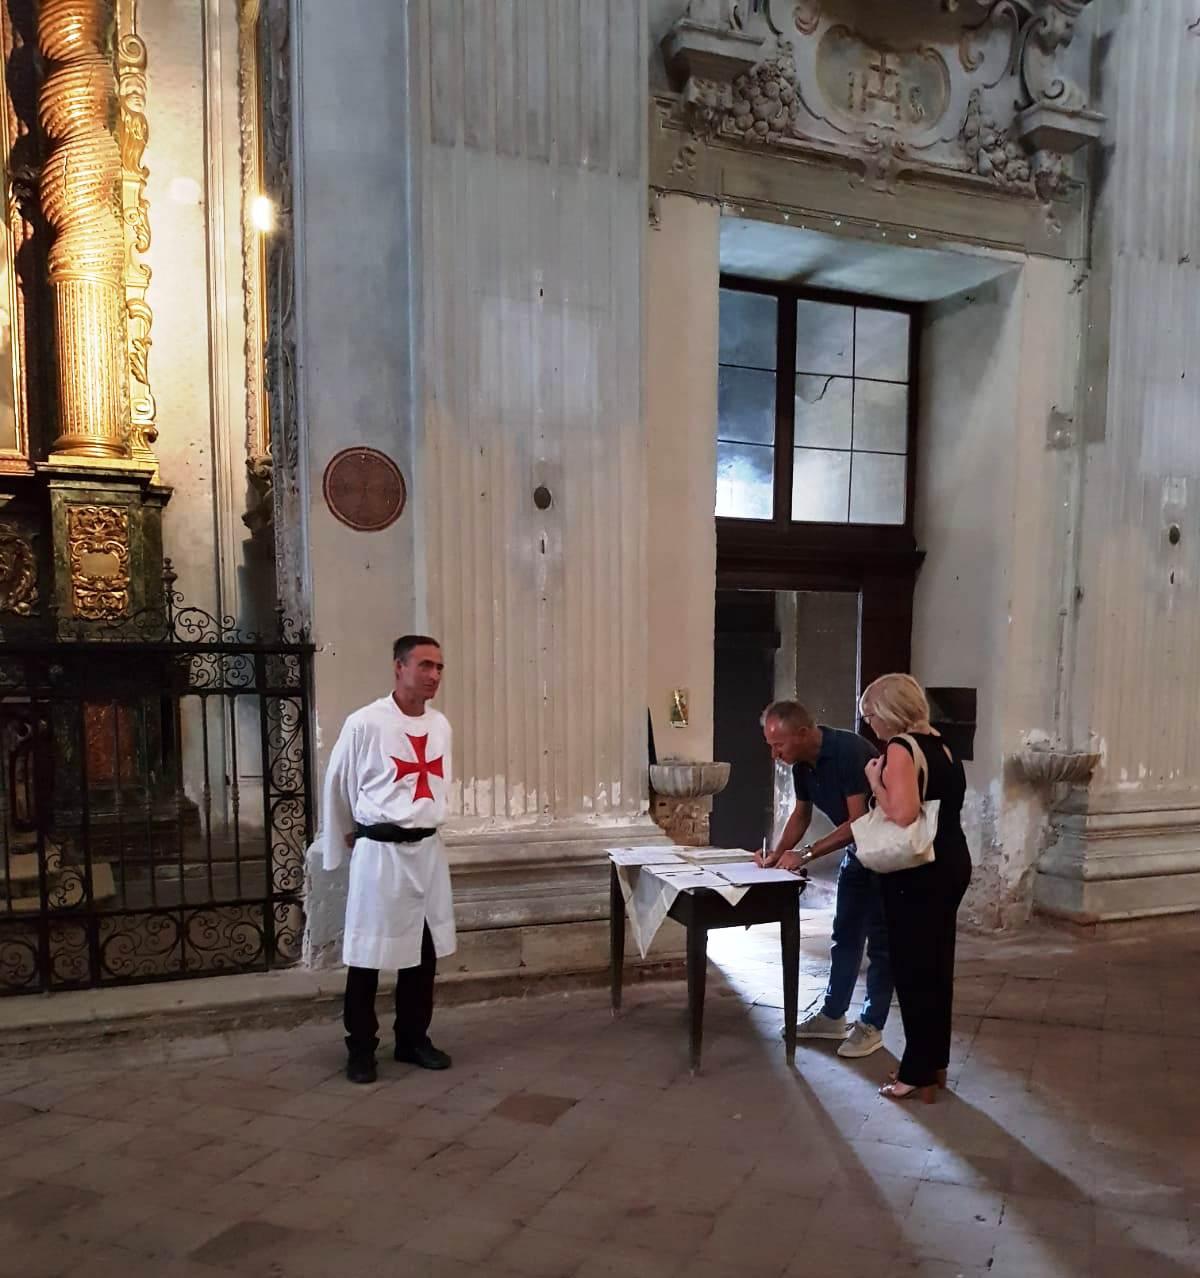 Chiesa S. Marcellino Cremona settembre 2018